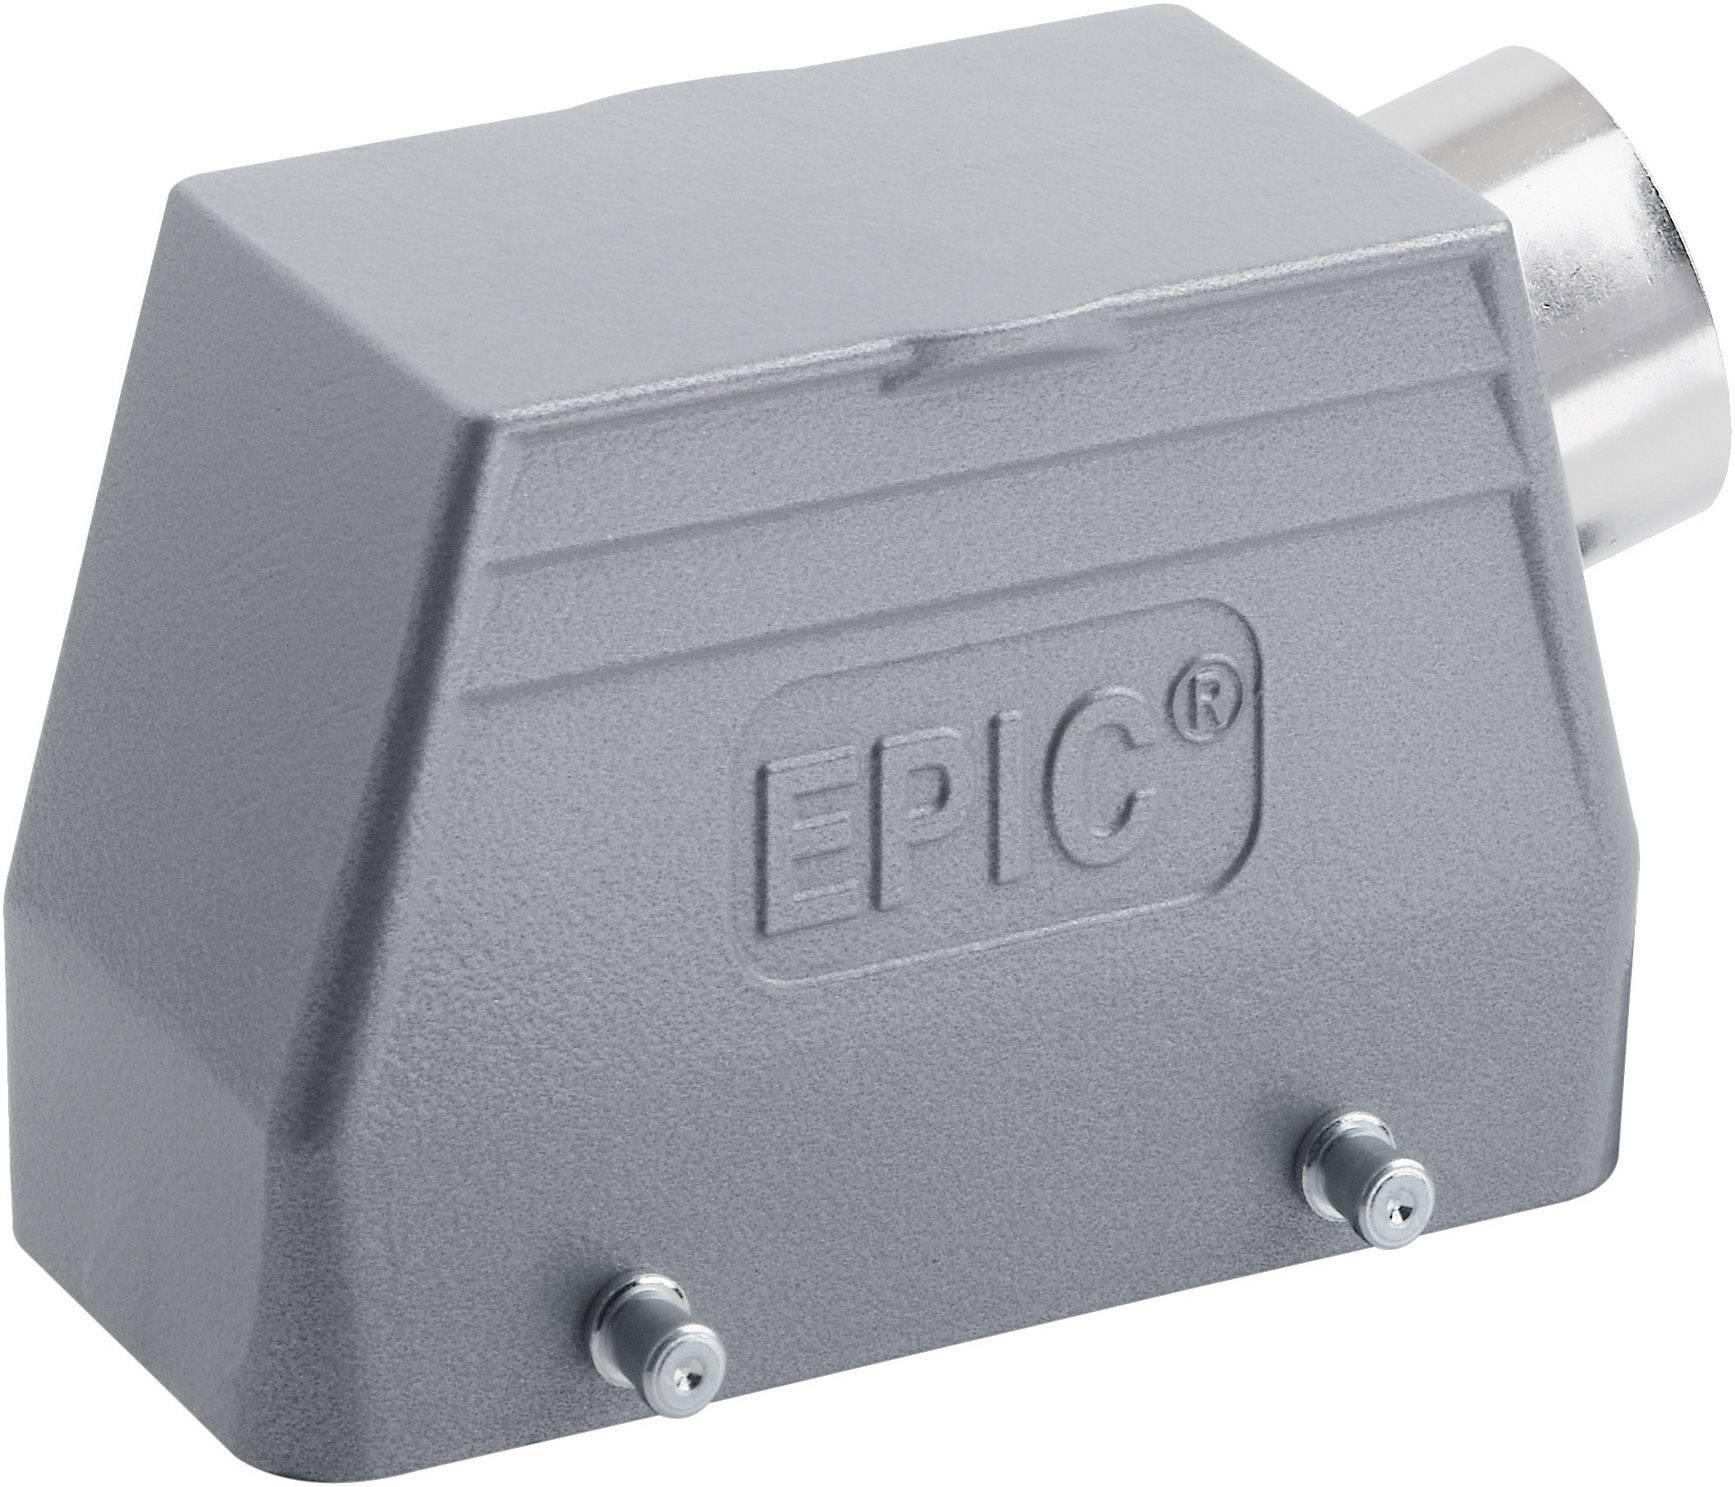 LappKabel EPIC® H-B 10 TS M20 (19042000), Část krytu patice - boční vývodka, M 20, IP65, šedá